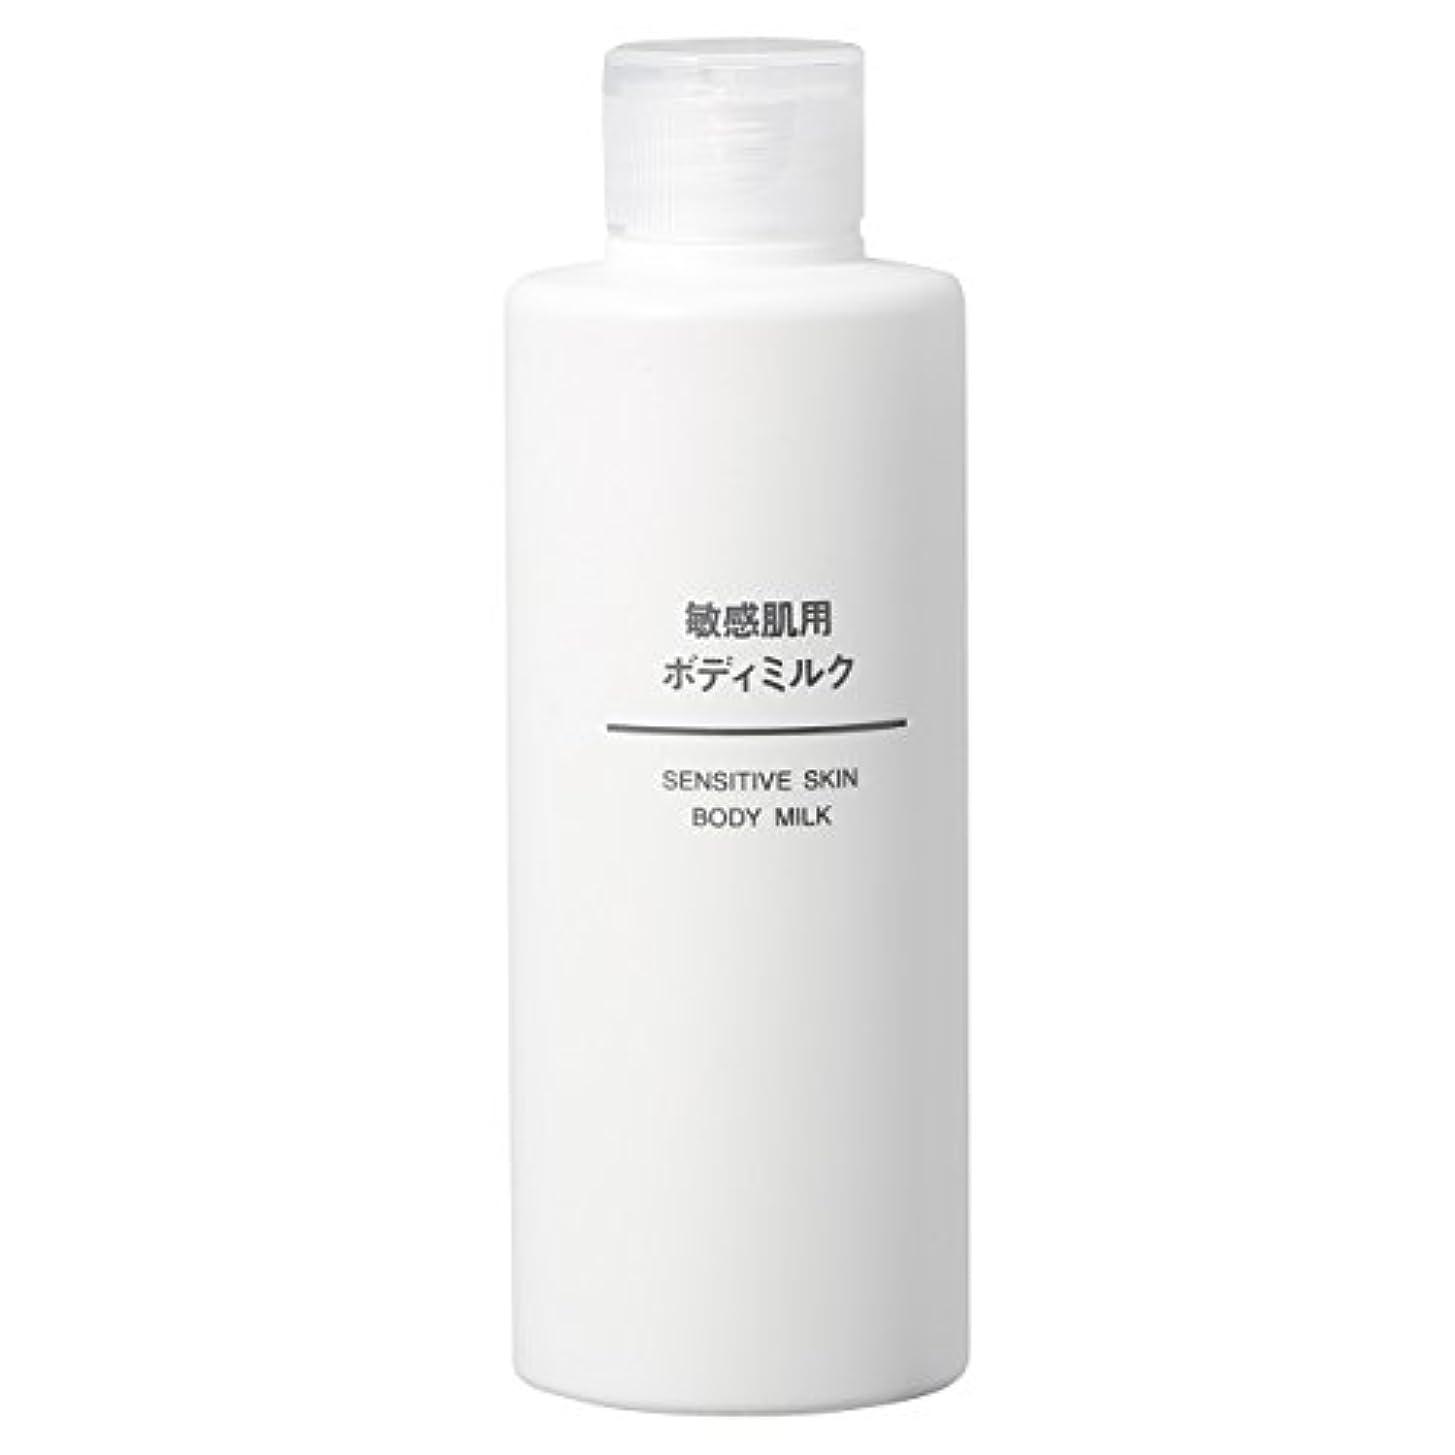 以降交通透明に無印良品 敏感肌用 ボディミルク 200ml 日本製